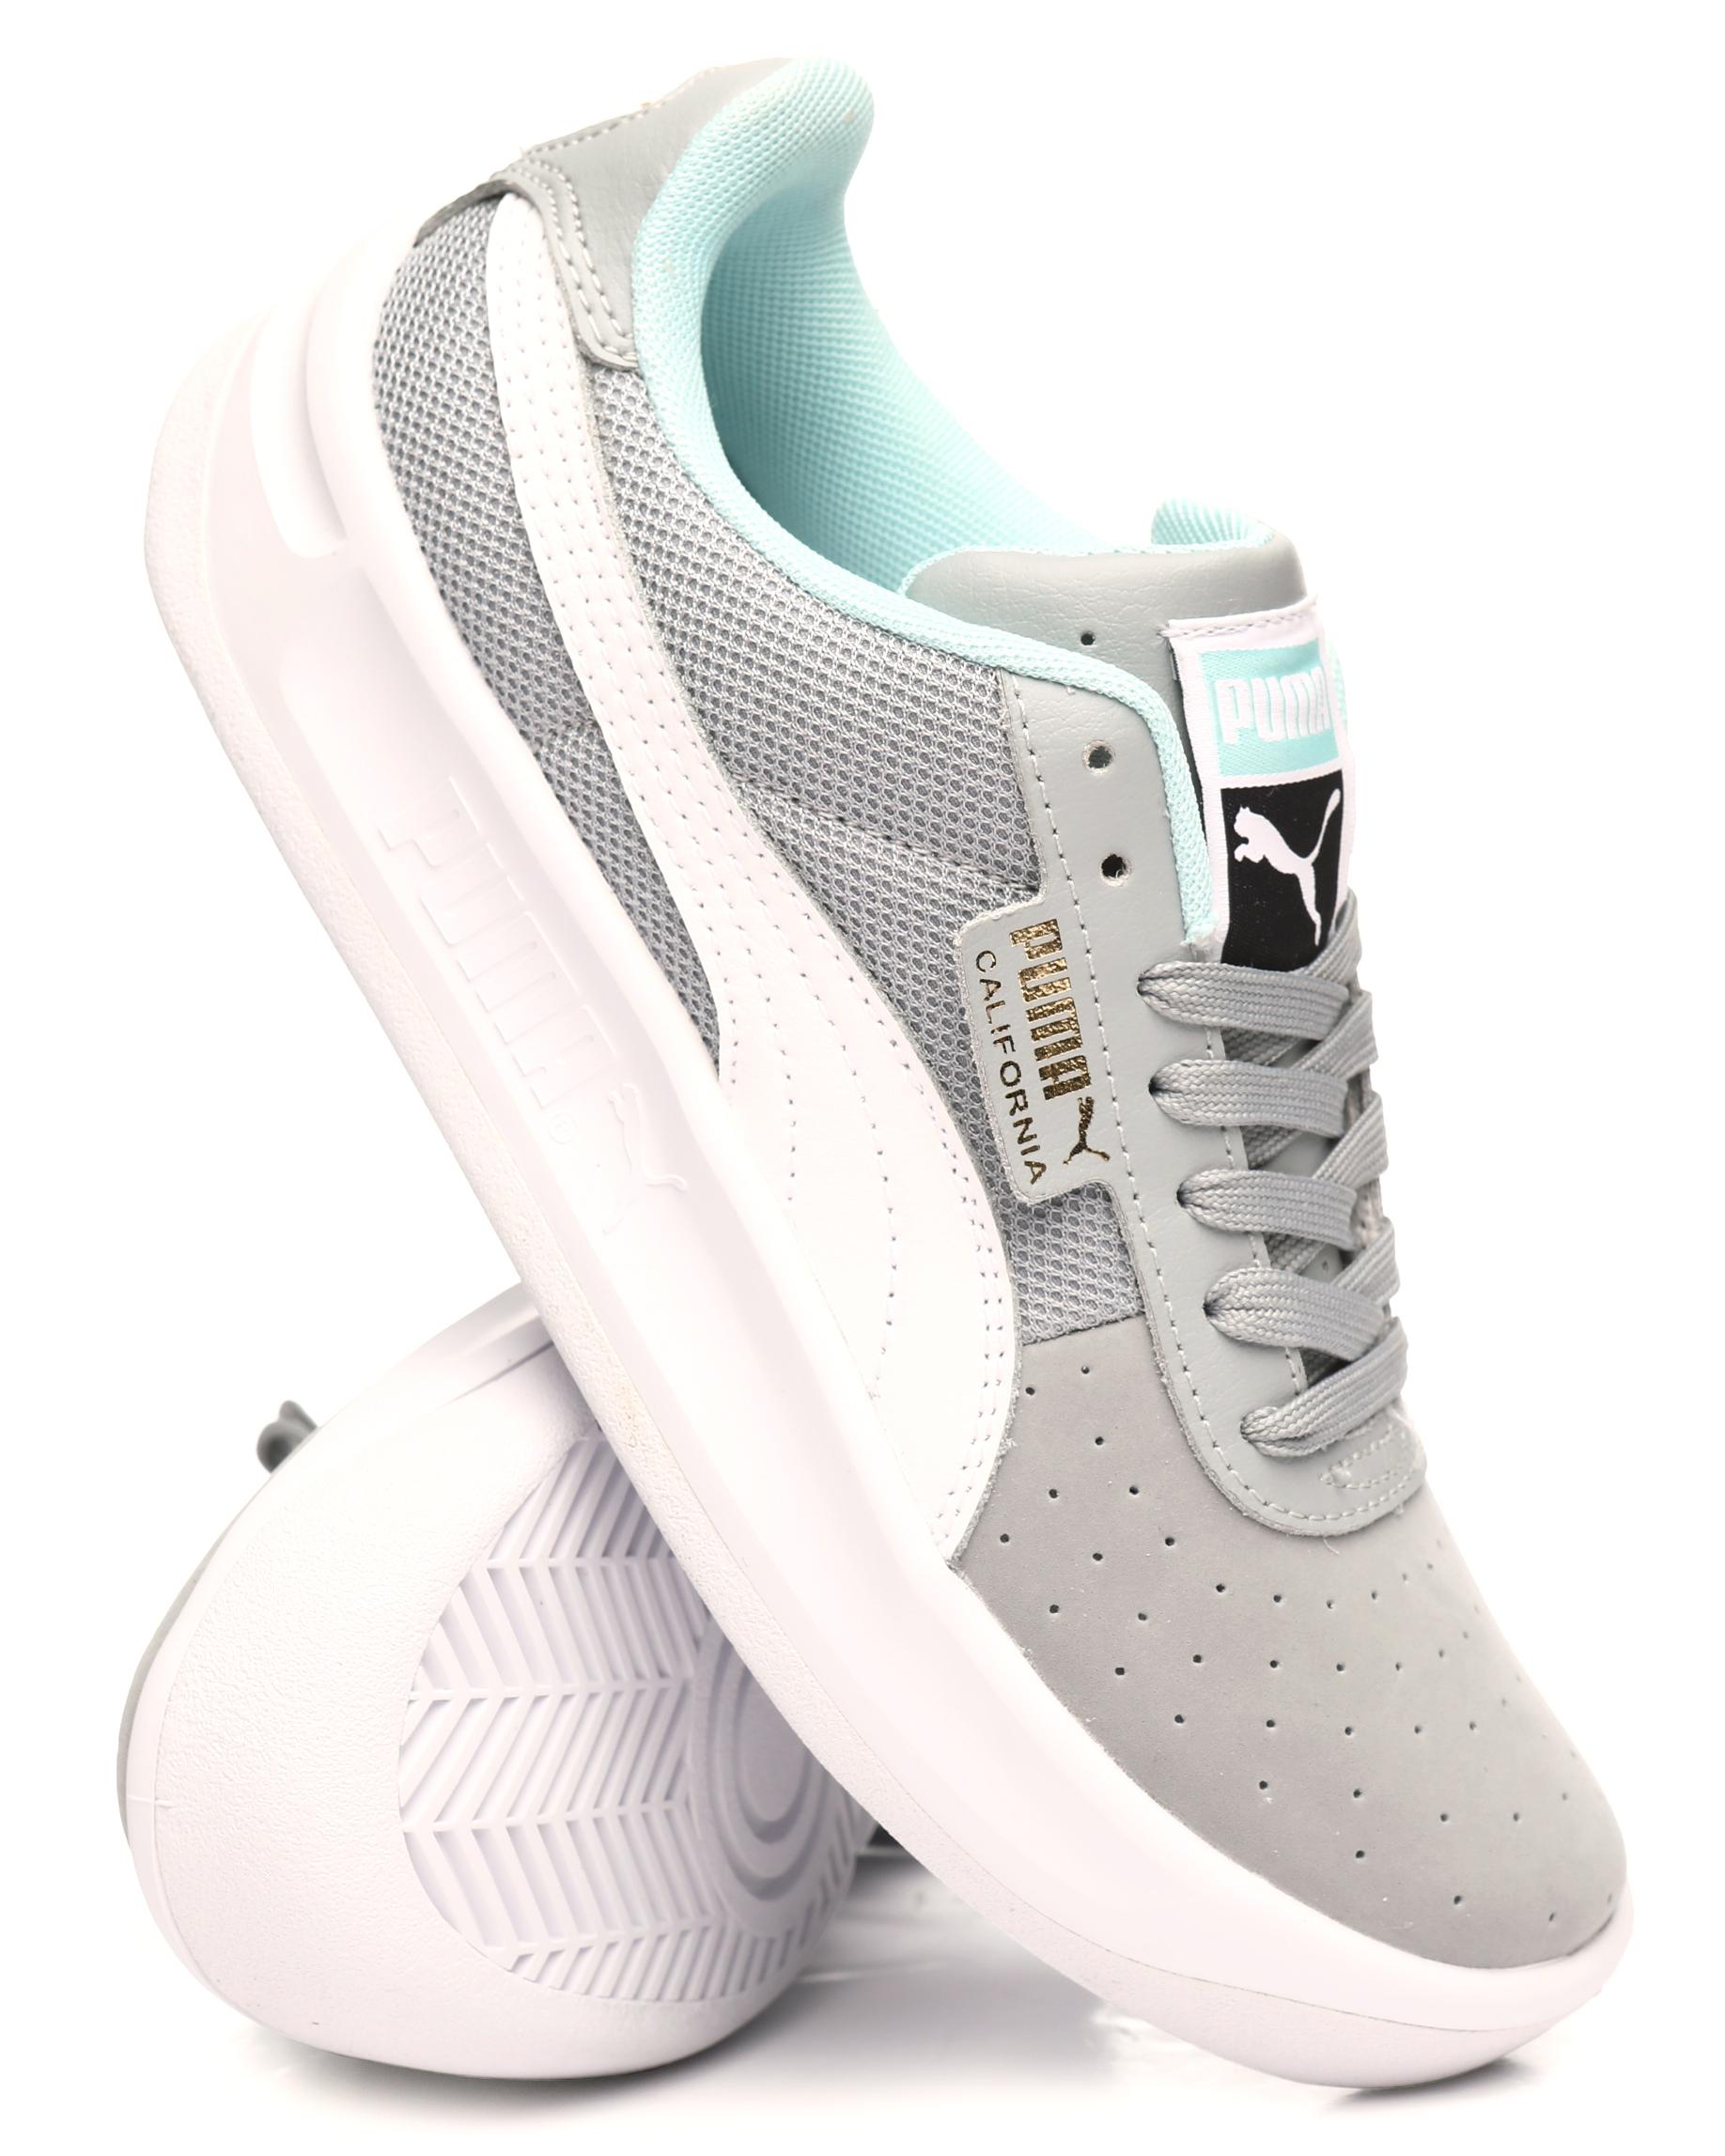 ce062d3dec Buy California Casual Jr Sneakers (4-7) Boys Footwear from Puma ...